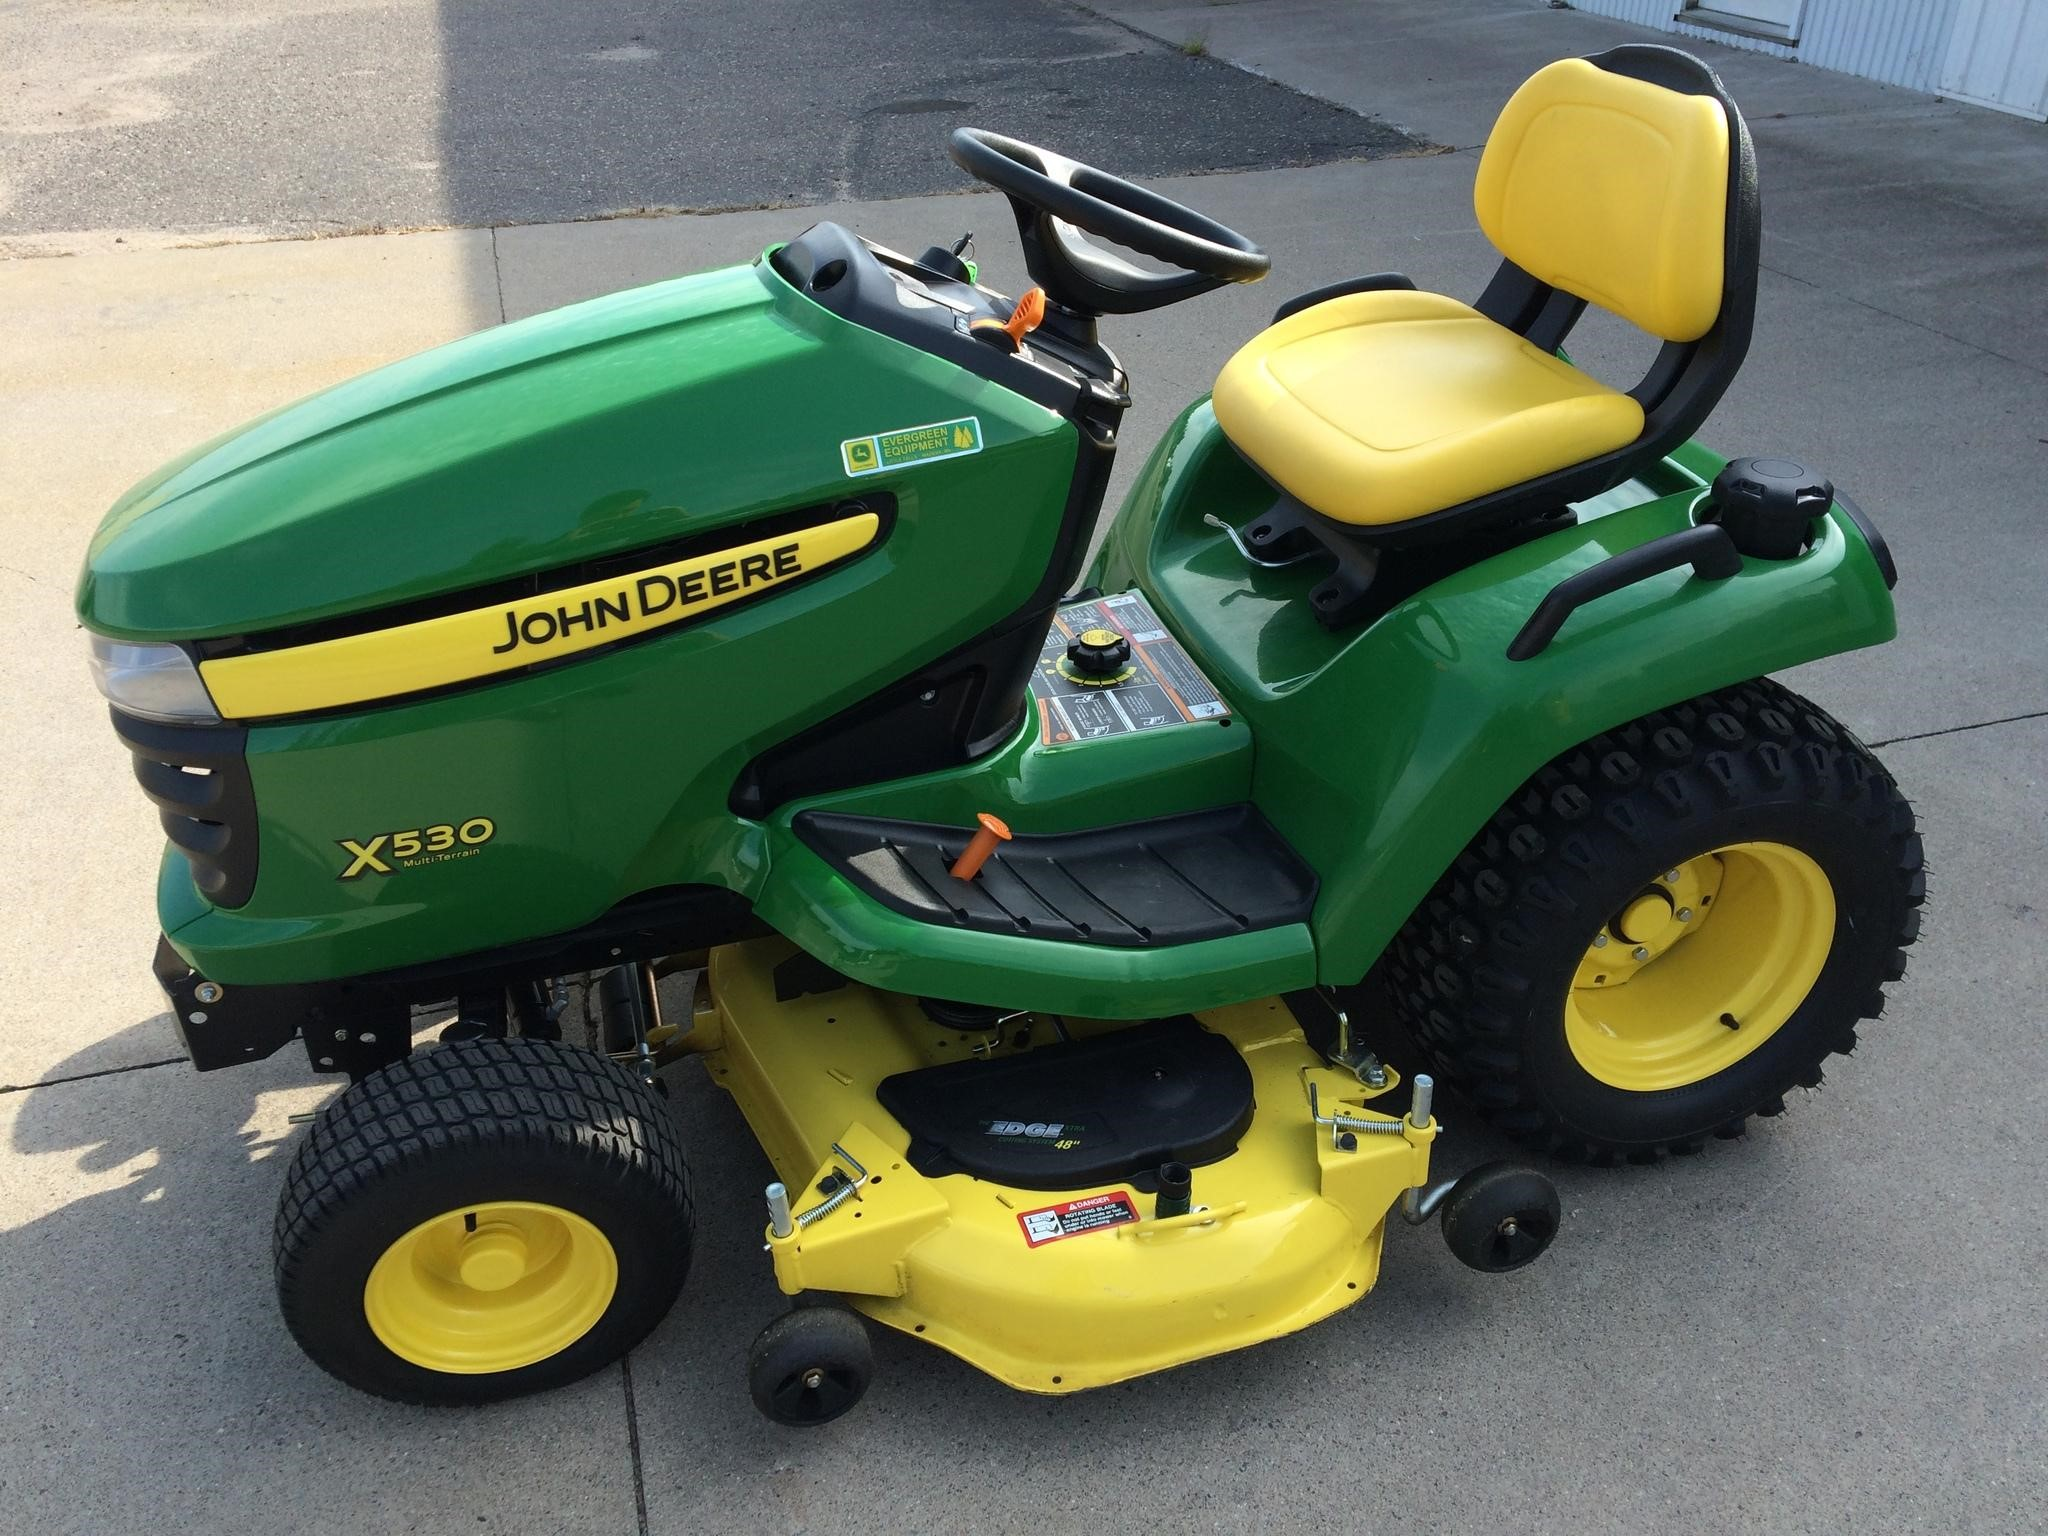 John Deere X530 Lawn Tractor : John deere riding lawn mower